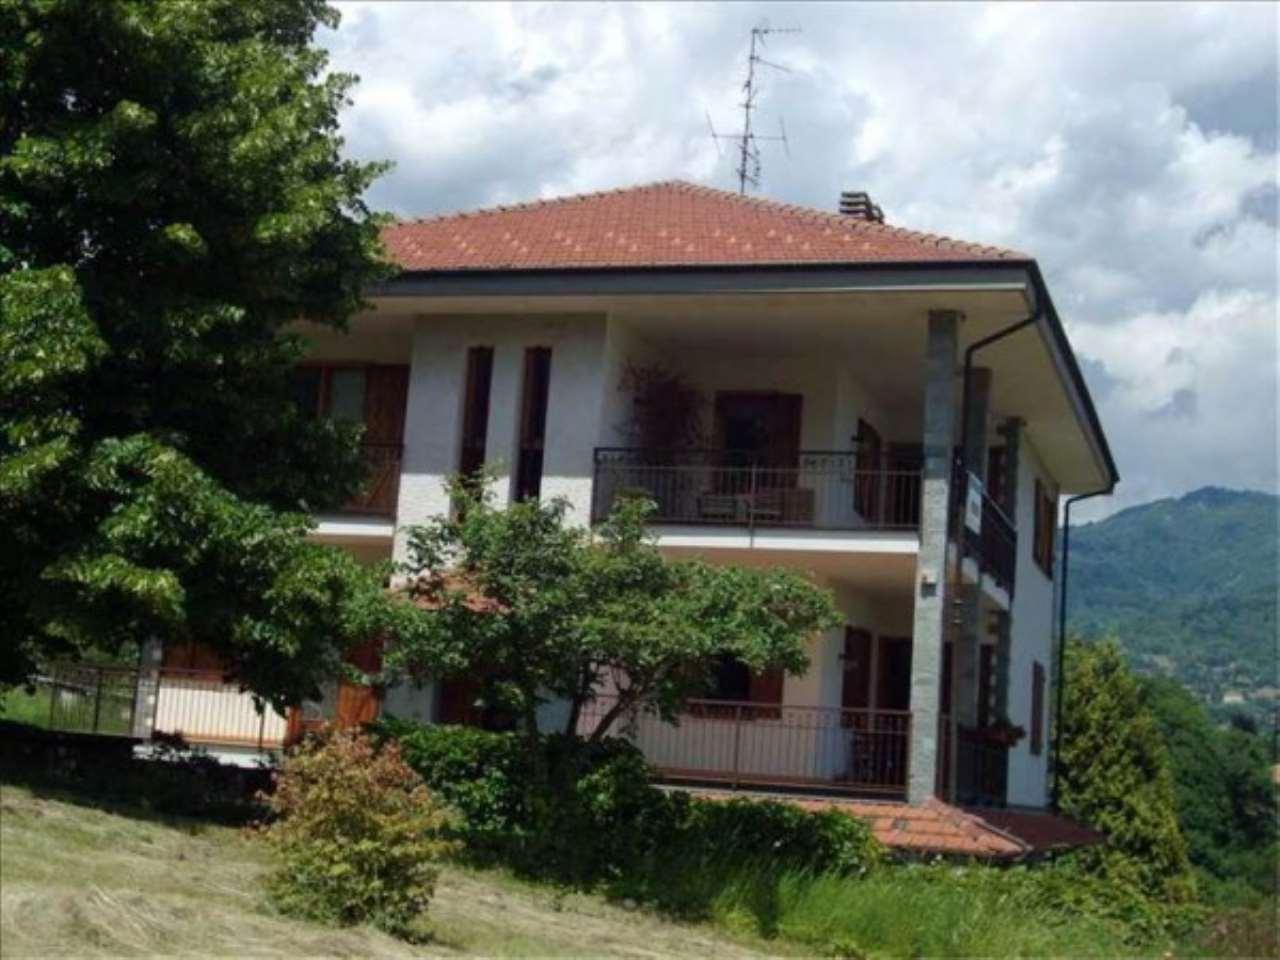 Villa in vendita a Lanzo Torinese, 6 locali, prezzo € 320.000 | CambioCasa.it